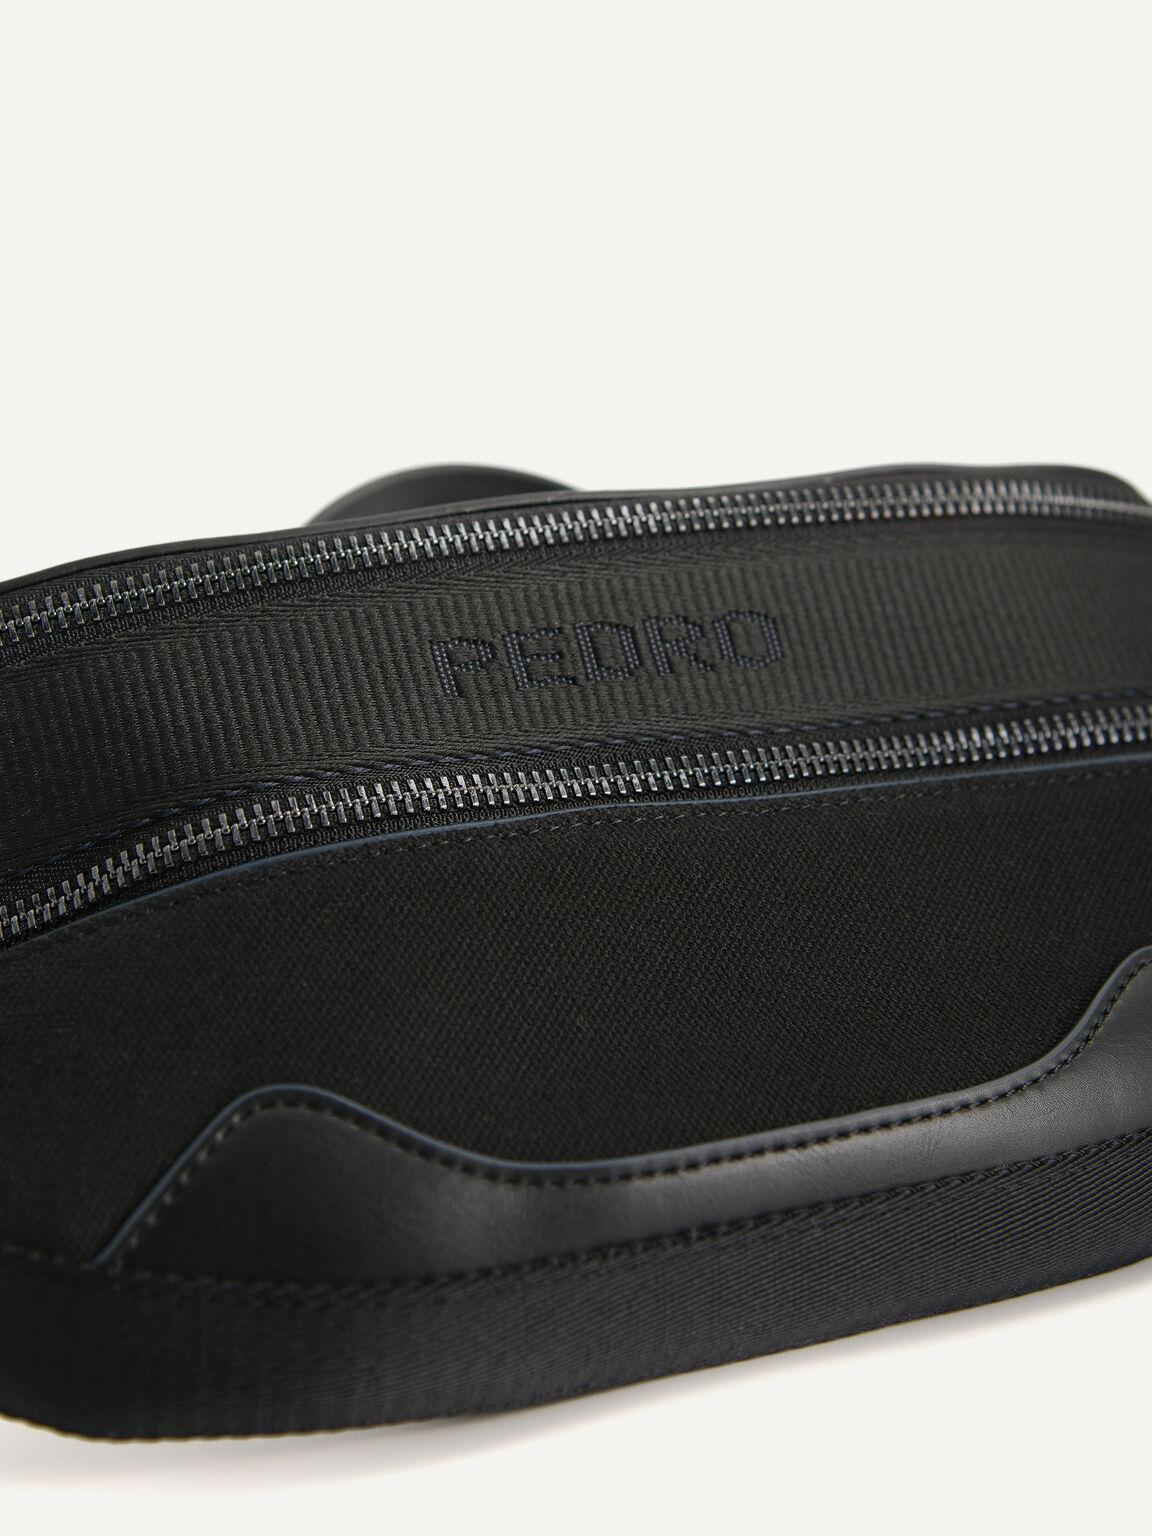 rePEDRO Belt Bag, Black, hi-res